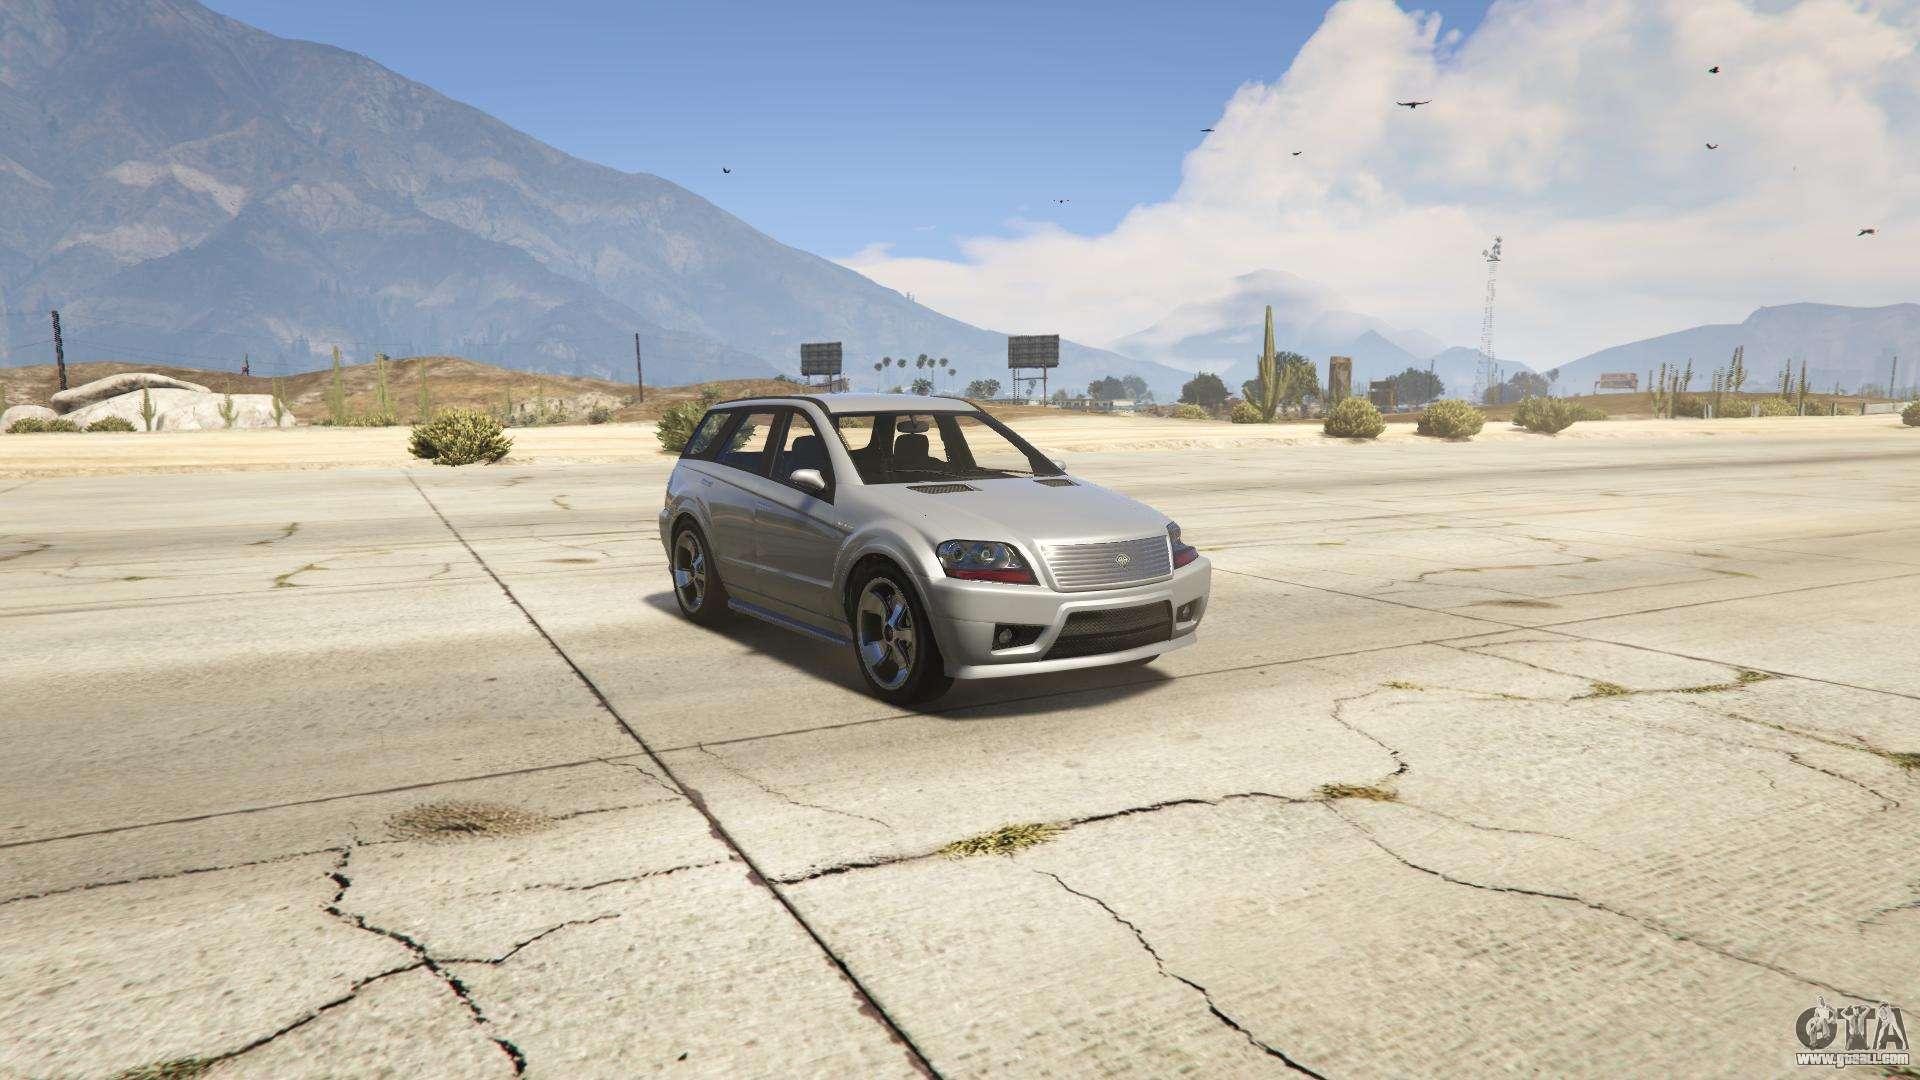 GTA 5 Benefactor Serrano - front view